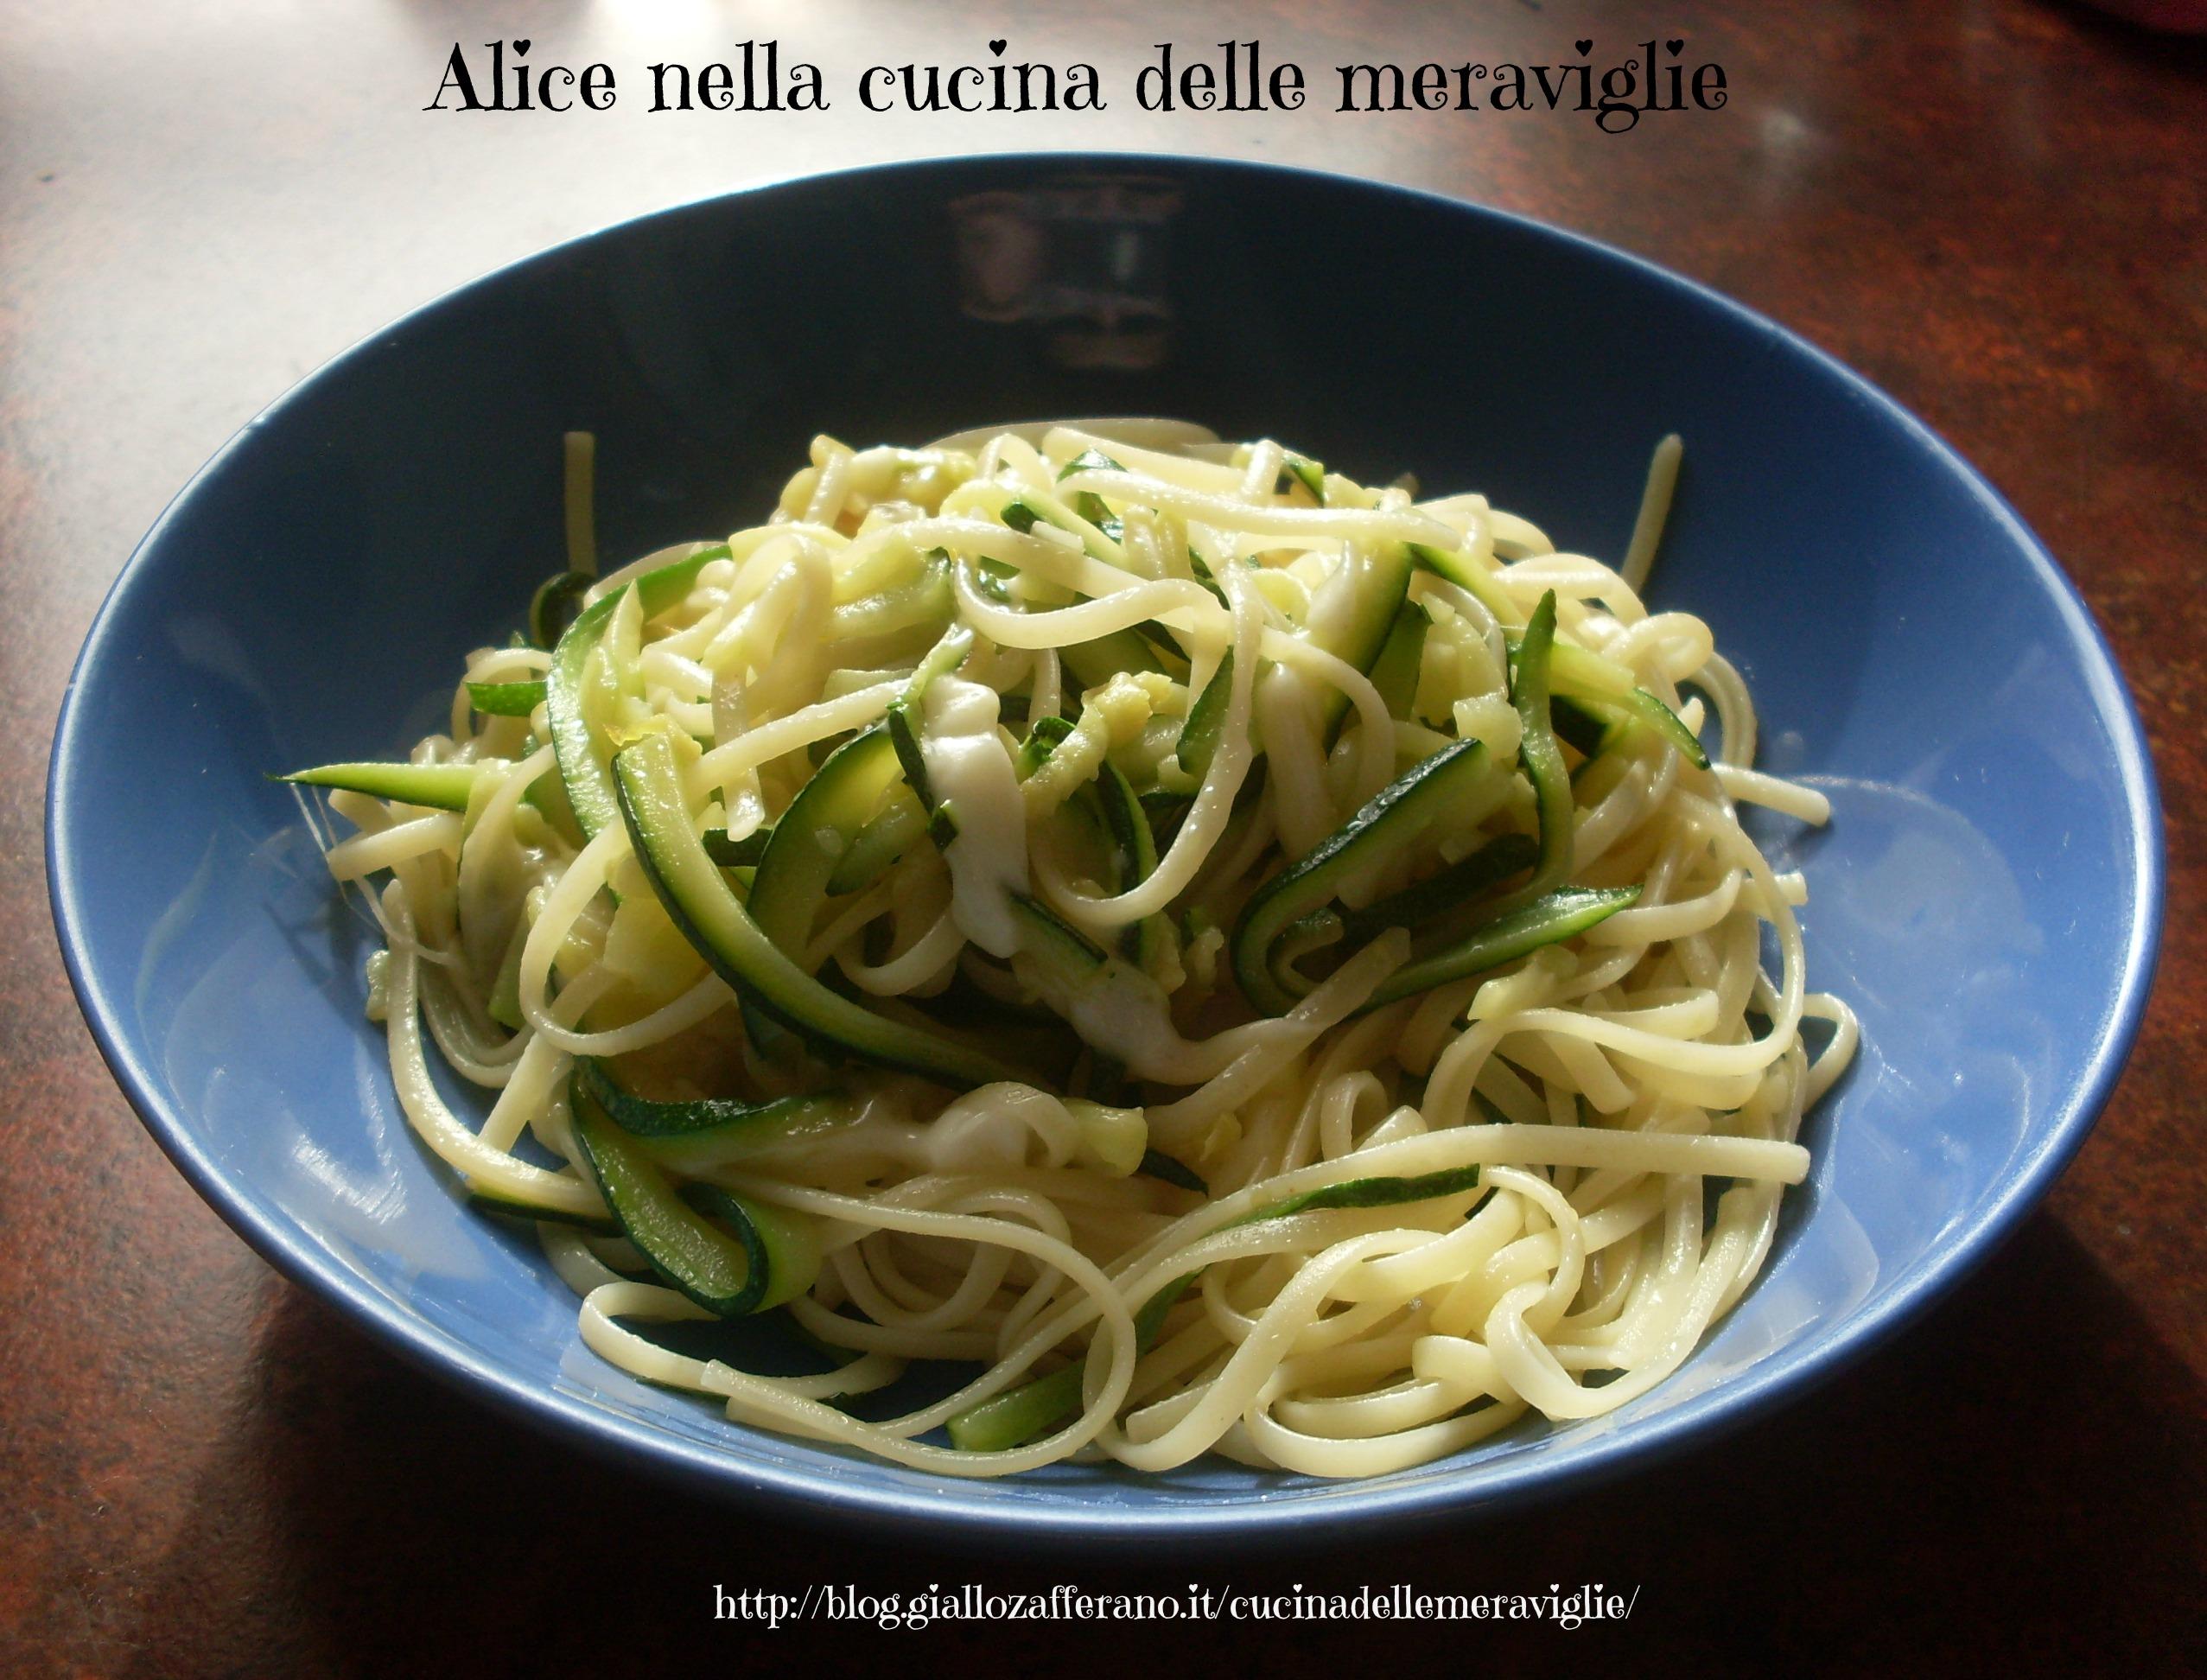 Linguine con zucchine e provolone dolce